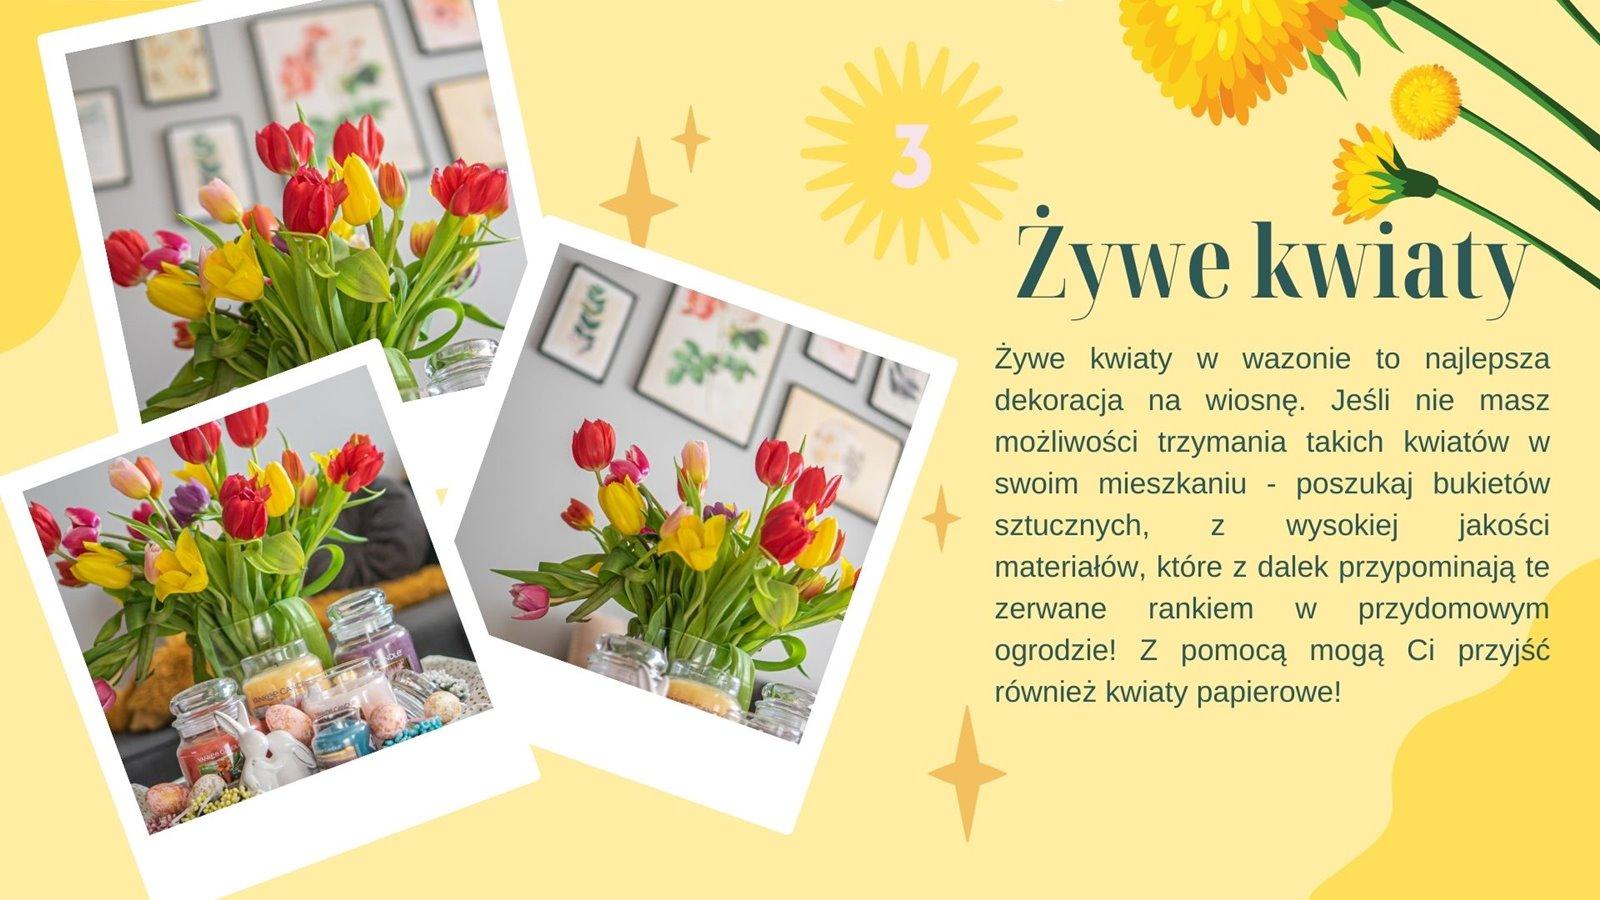 4 zywe kwiaty w domu pomysł na bukiet dodatki wiosenne do wnętrz i salonu jak udekorować mieszkanie na święta wielkanocne tanio, ładne tanie dodatki do wnętrz i mieszkania